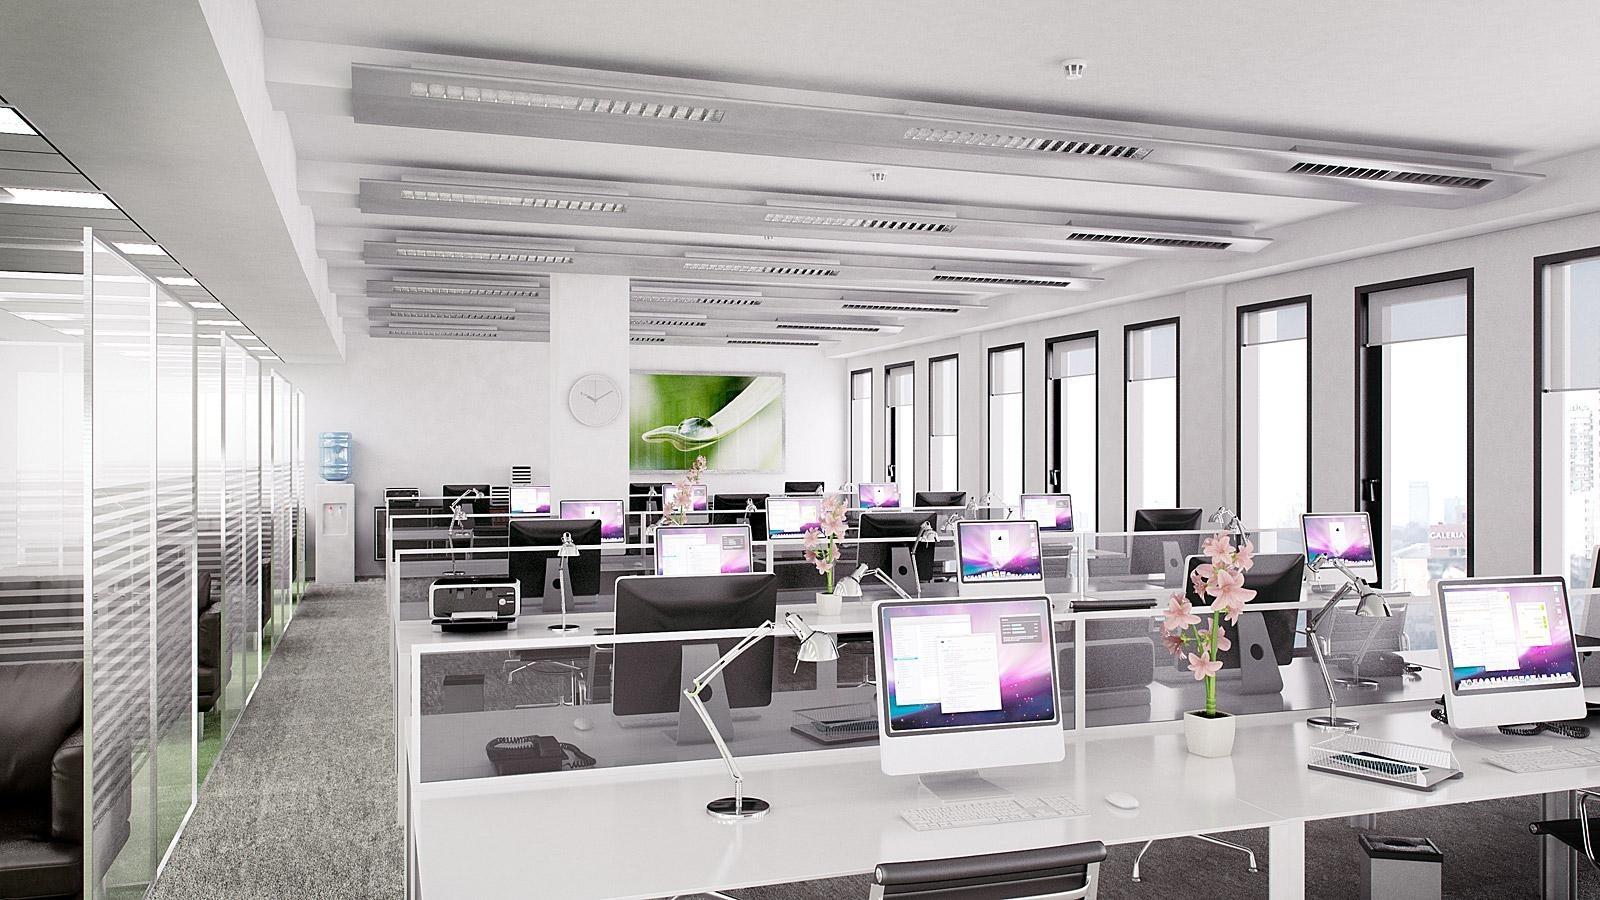 OpenSpace-crop-1600-900